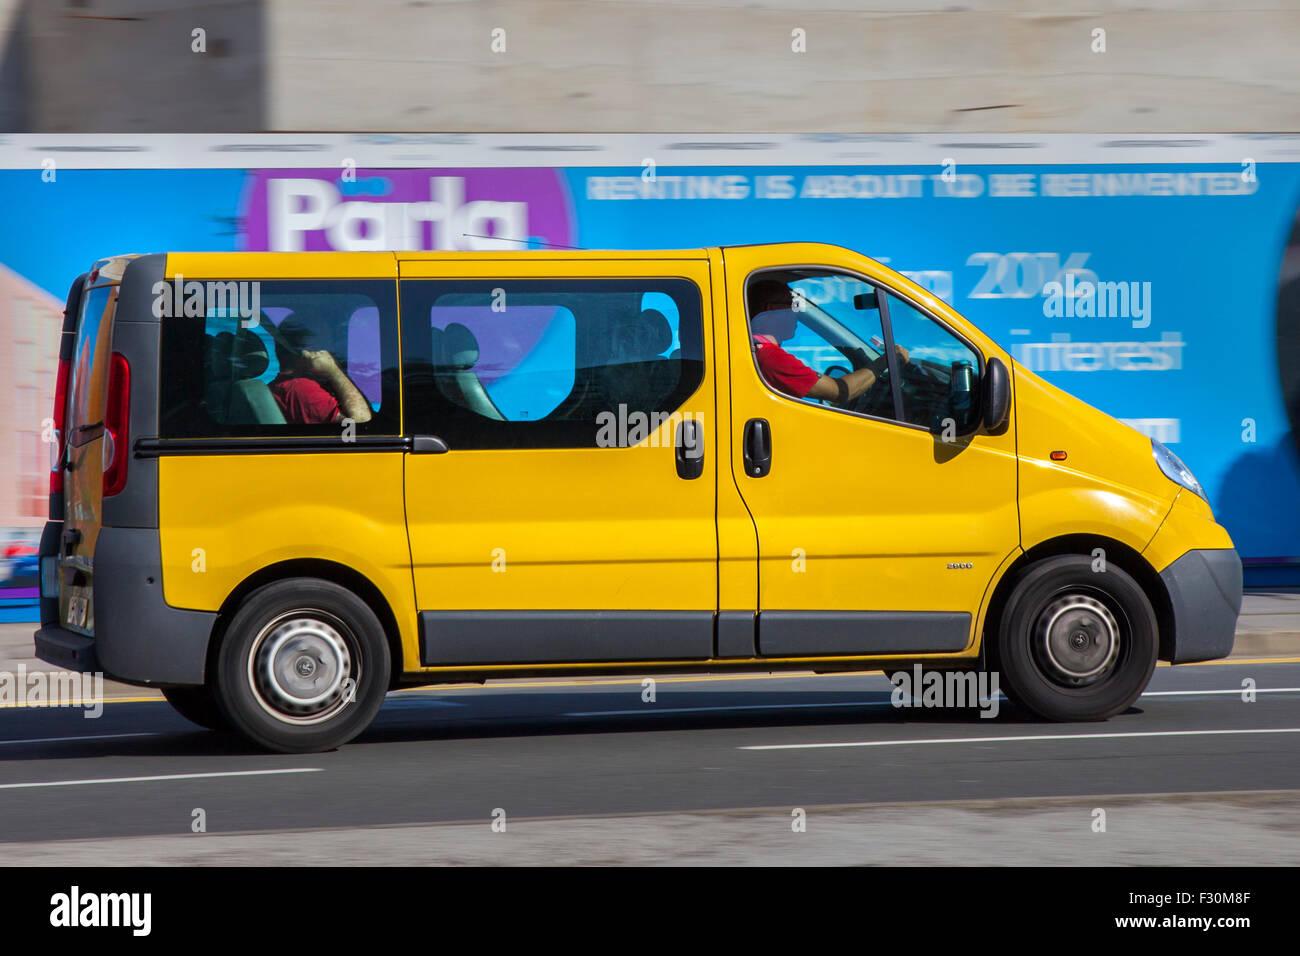 Renault Trafic Passenger Van sur les routes de Liverpool, Merseyside, Royaume-Uni. La circulation routière Photo Stock